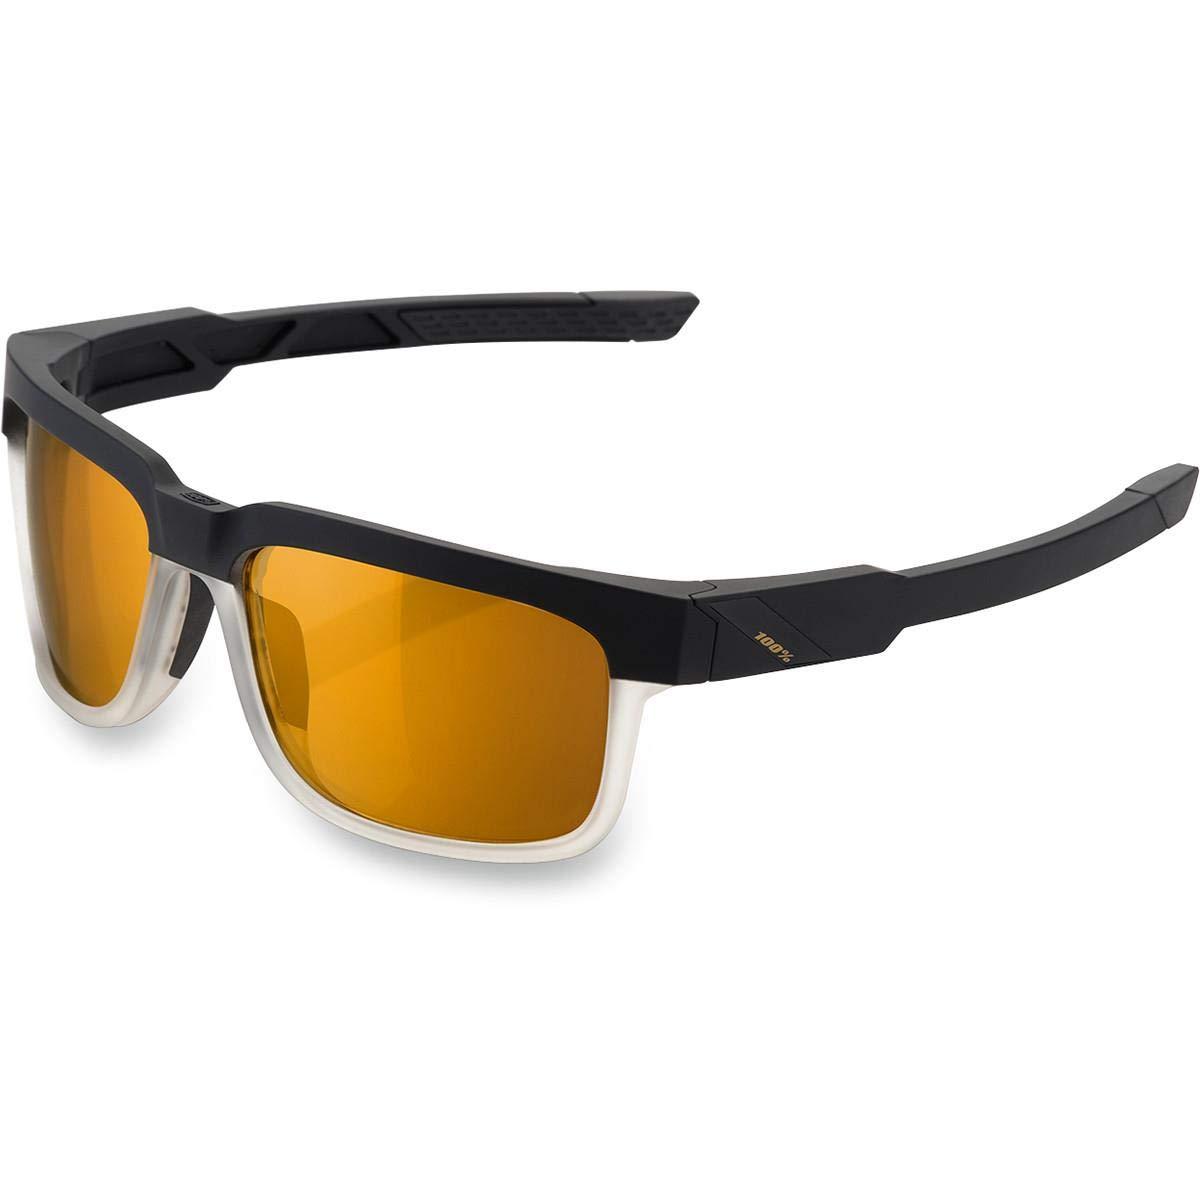 Inconnu 100% Met – 007 – 49 Sonnenbrille Unisex Erwachsene, schwarz transparent